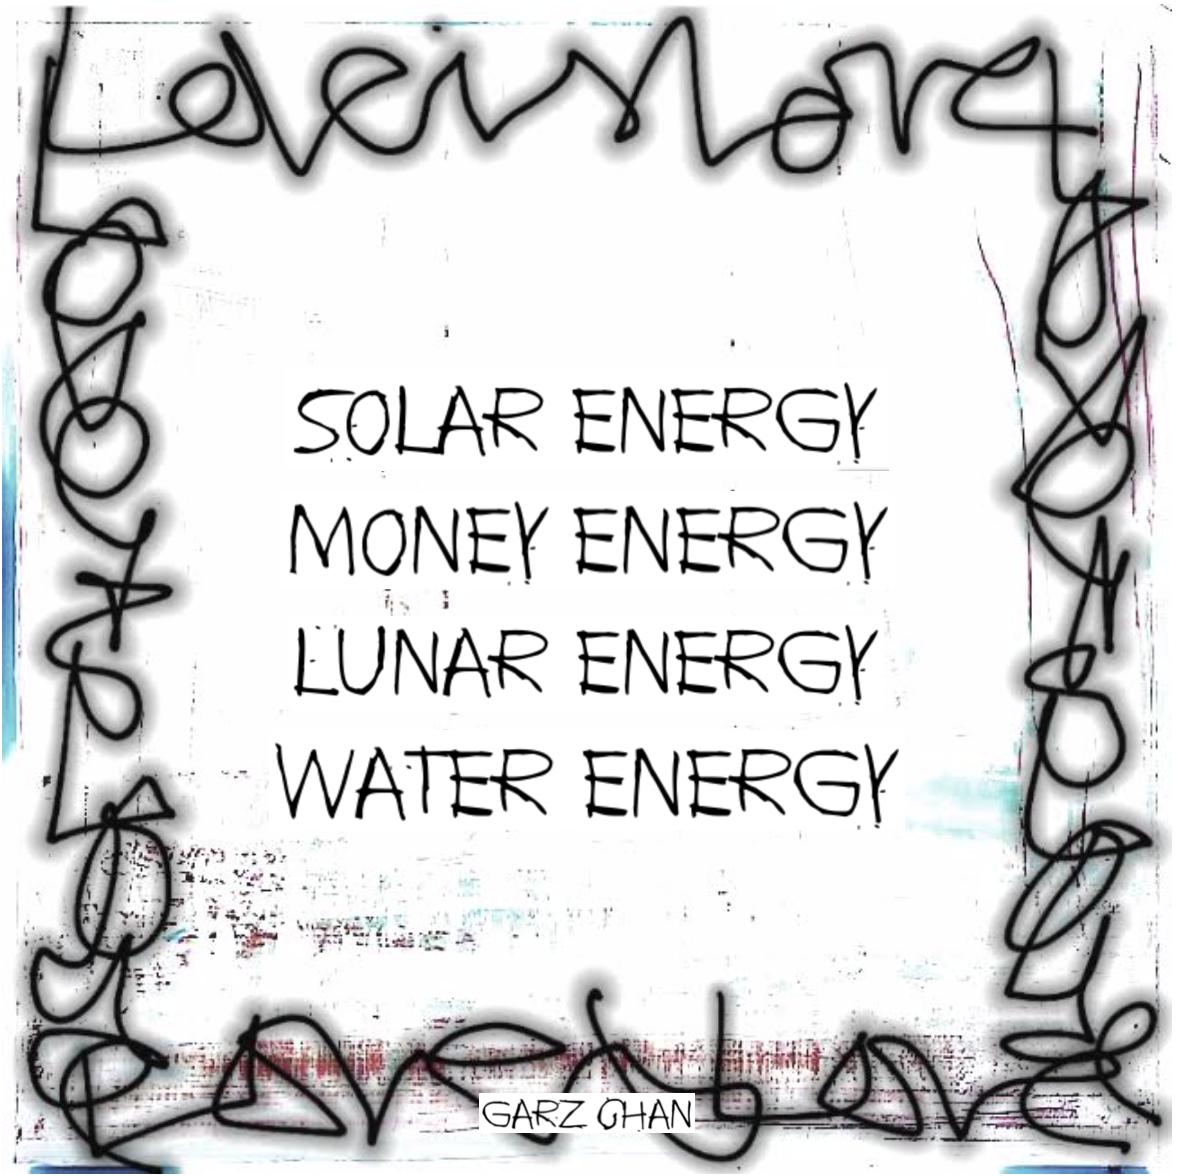 SolarEnergyMoneyEnergy.png